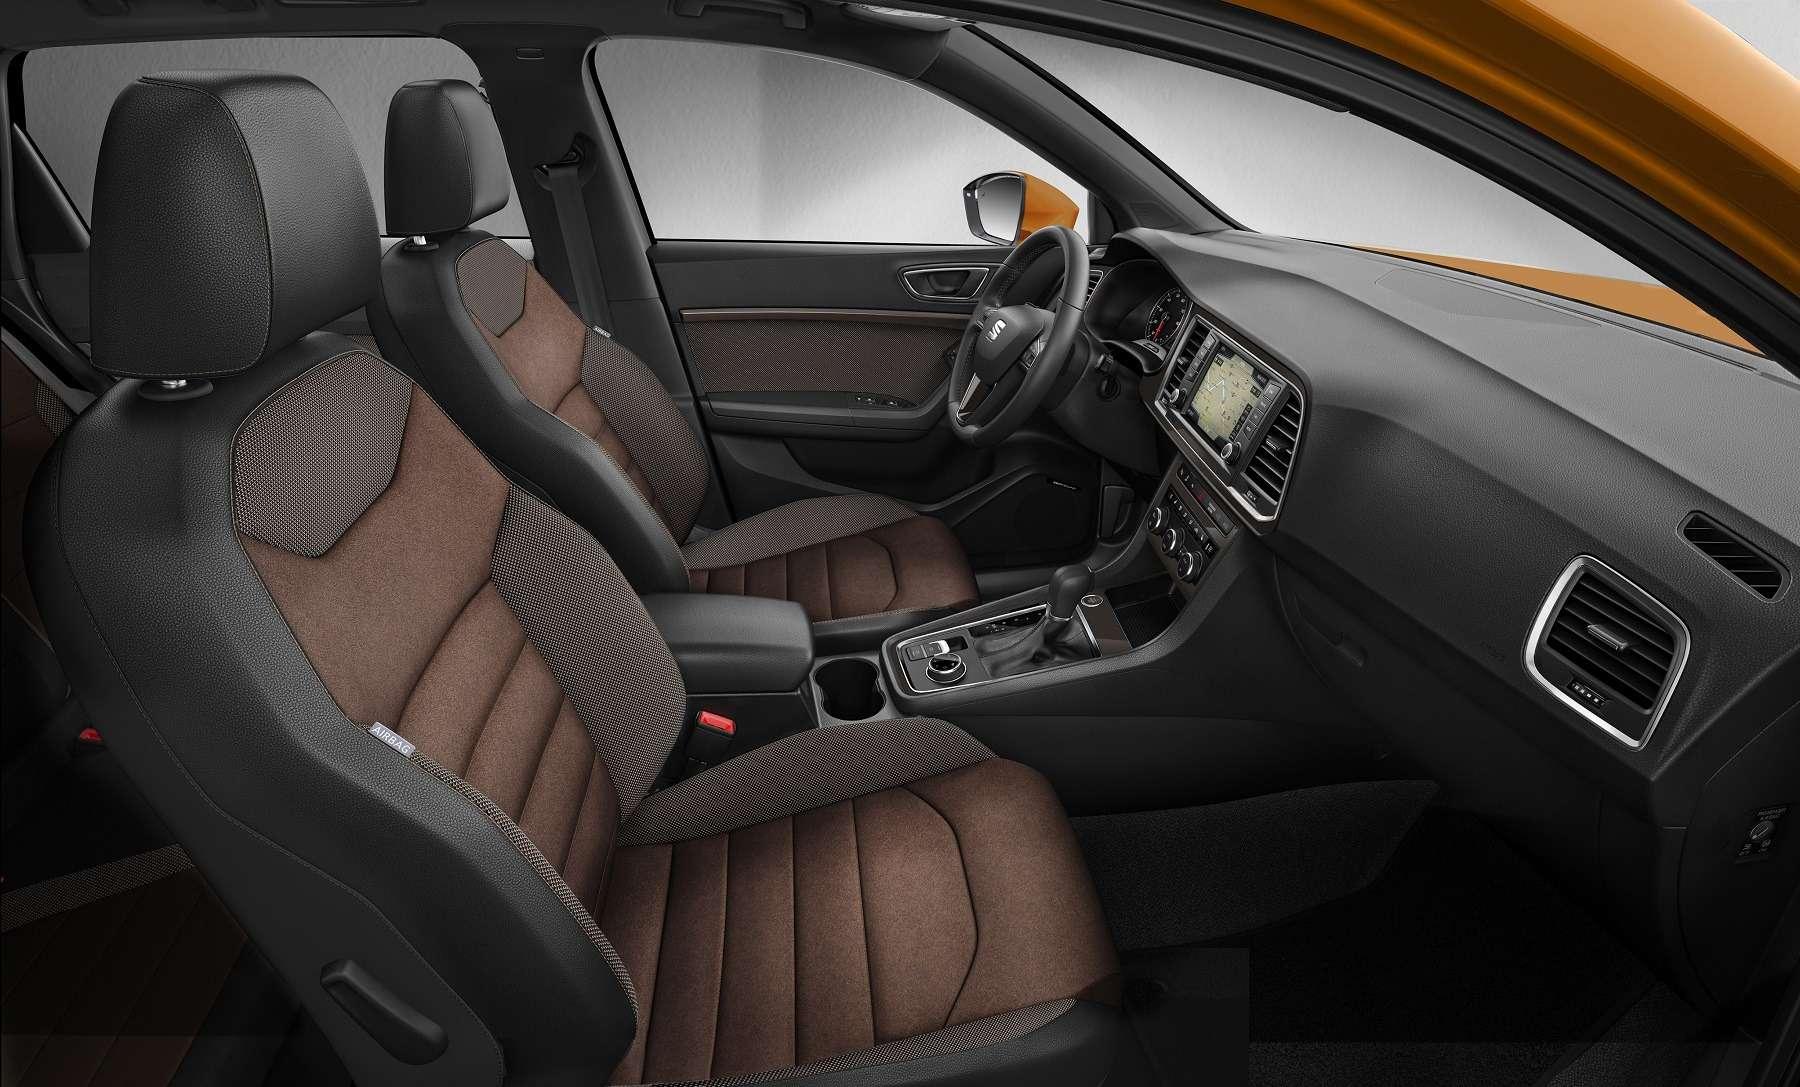 КакGolf R, только паркетный: SEAT готовит яростный кроссовер Ateca Cupra— фото 589160